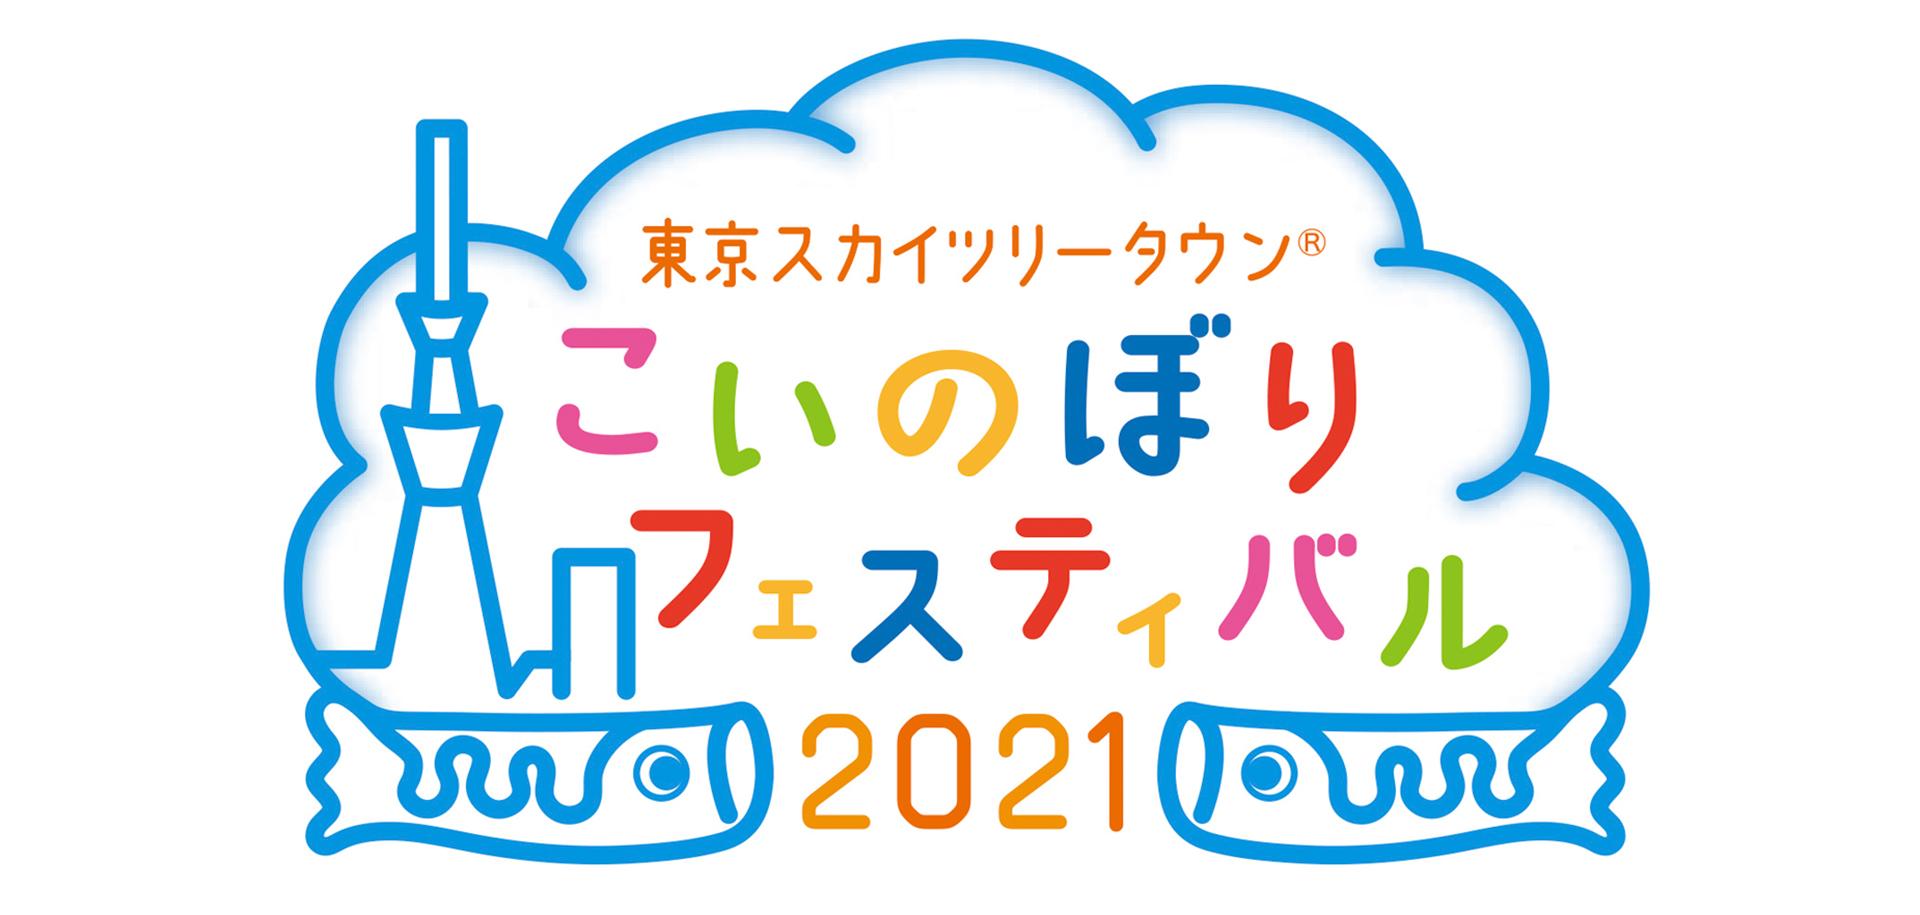 こいのぼりフェスティバル 2021